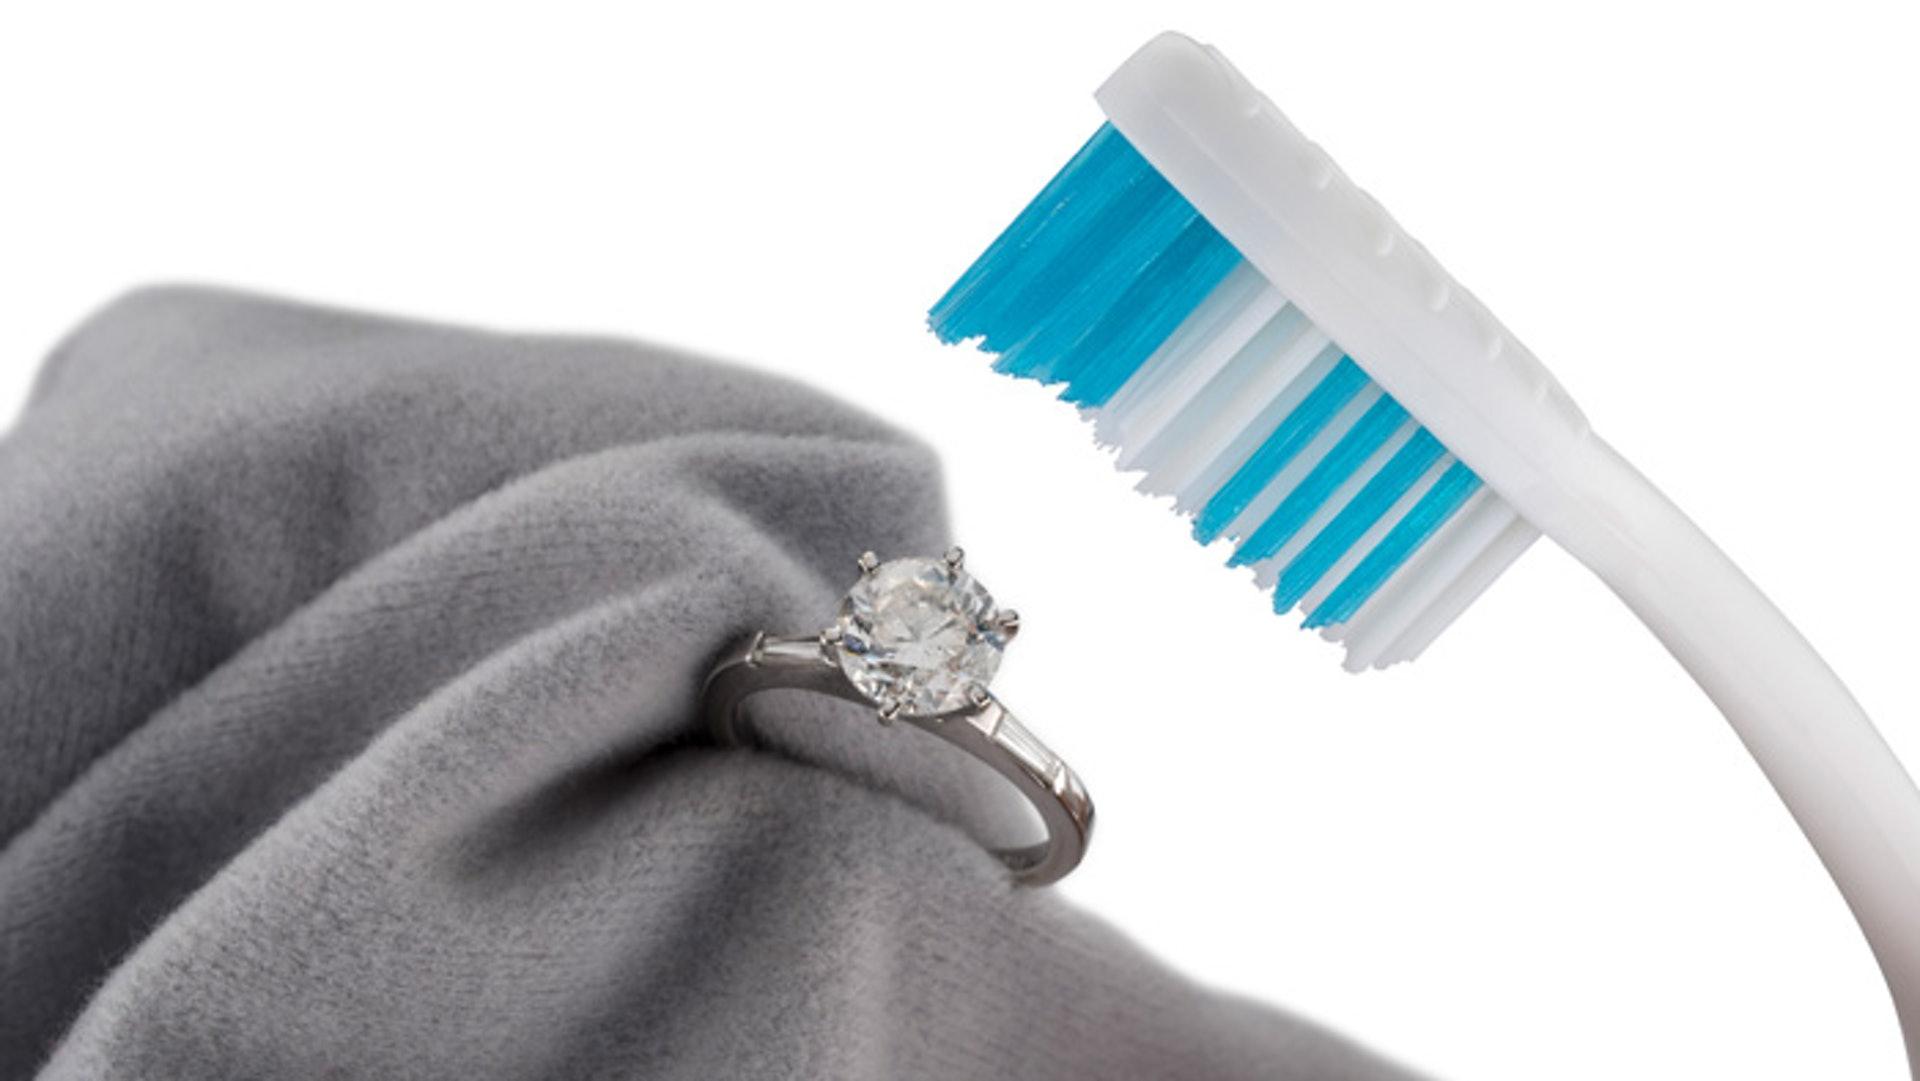 可以小牙刷輕刷鑽石帶走油份和塵埃,注意要用軟毛刷。(網上圖片)